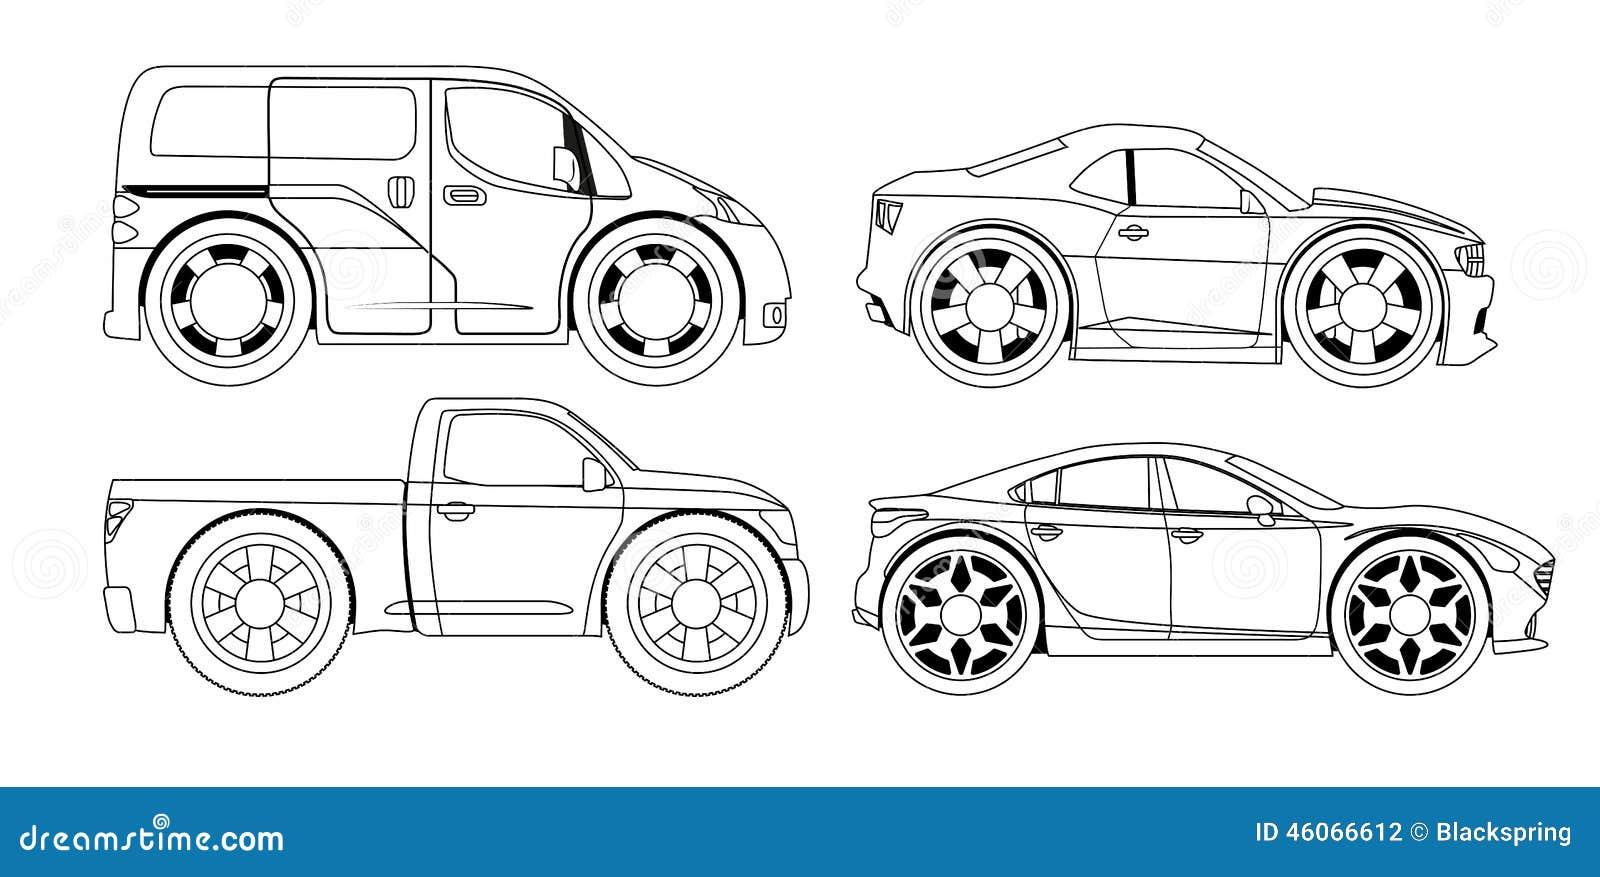 Livre de coloriage voitures stylis es r gl es illustration de vecteur illustration du - Coloriages voitures ...